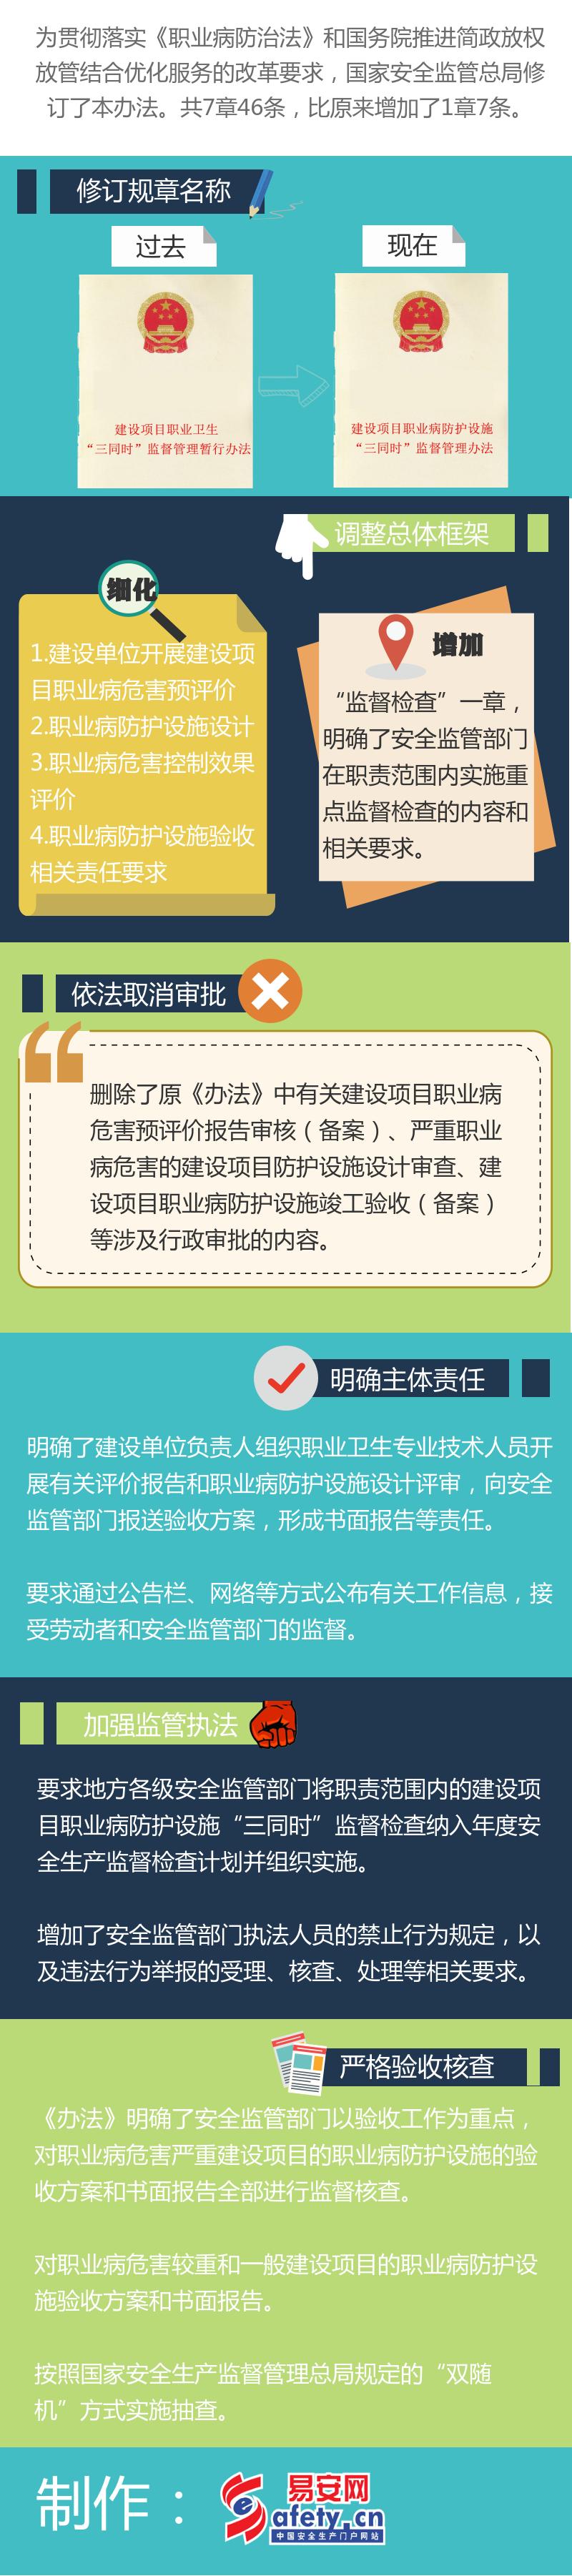 """一张图读懂少贵族:《建设项目职业病防护设施""""三同时""""监督管理办法》"""